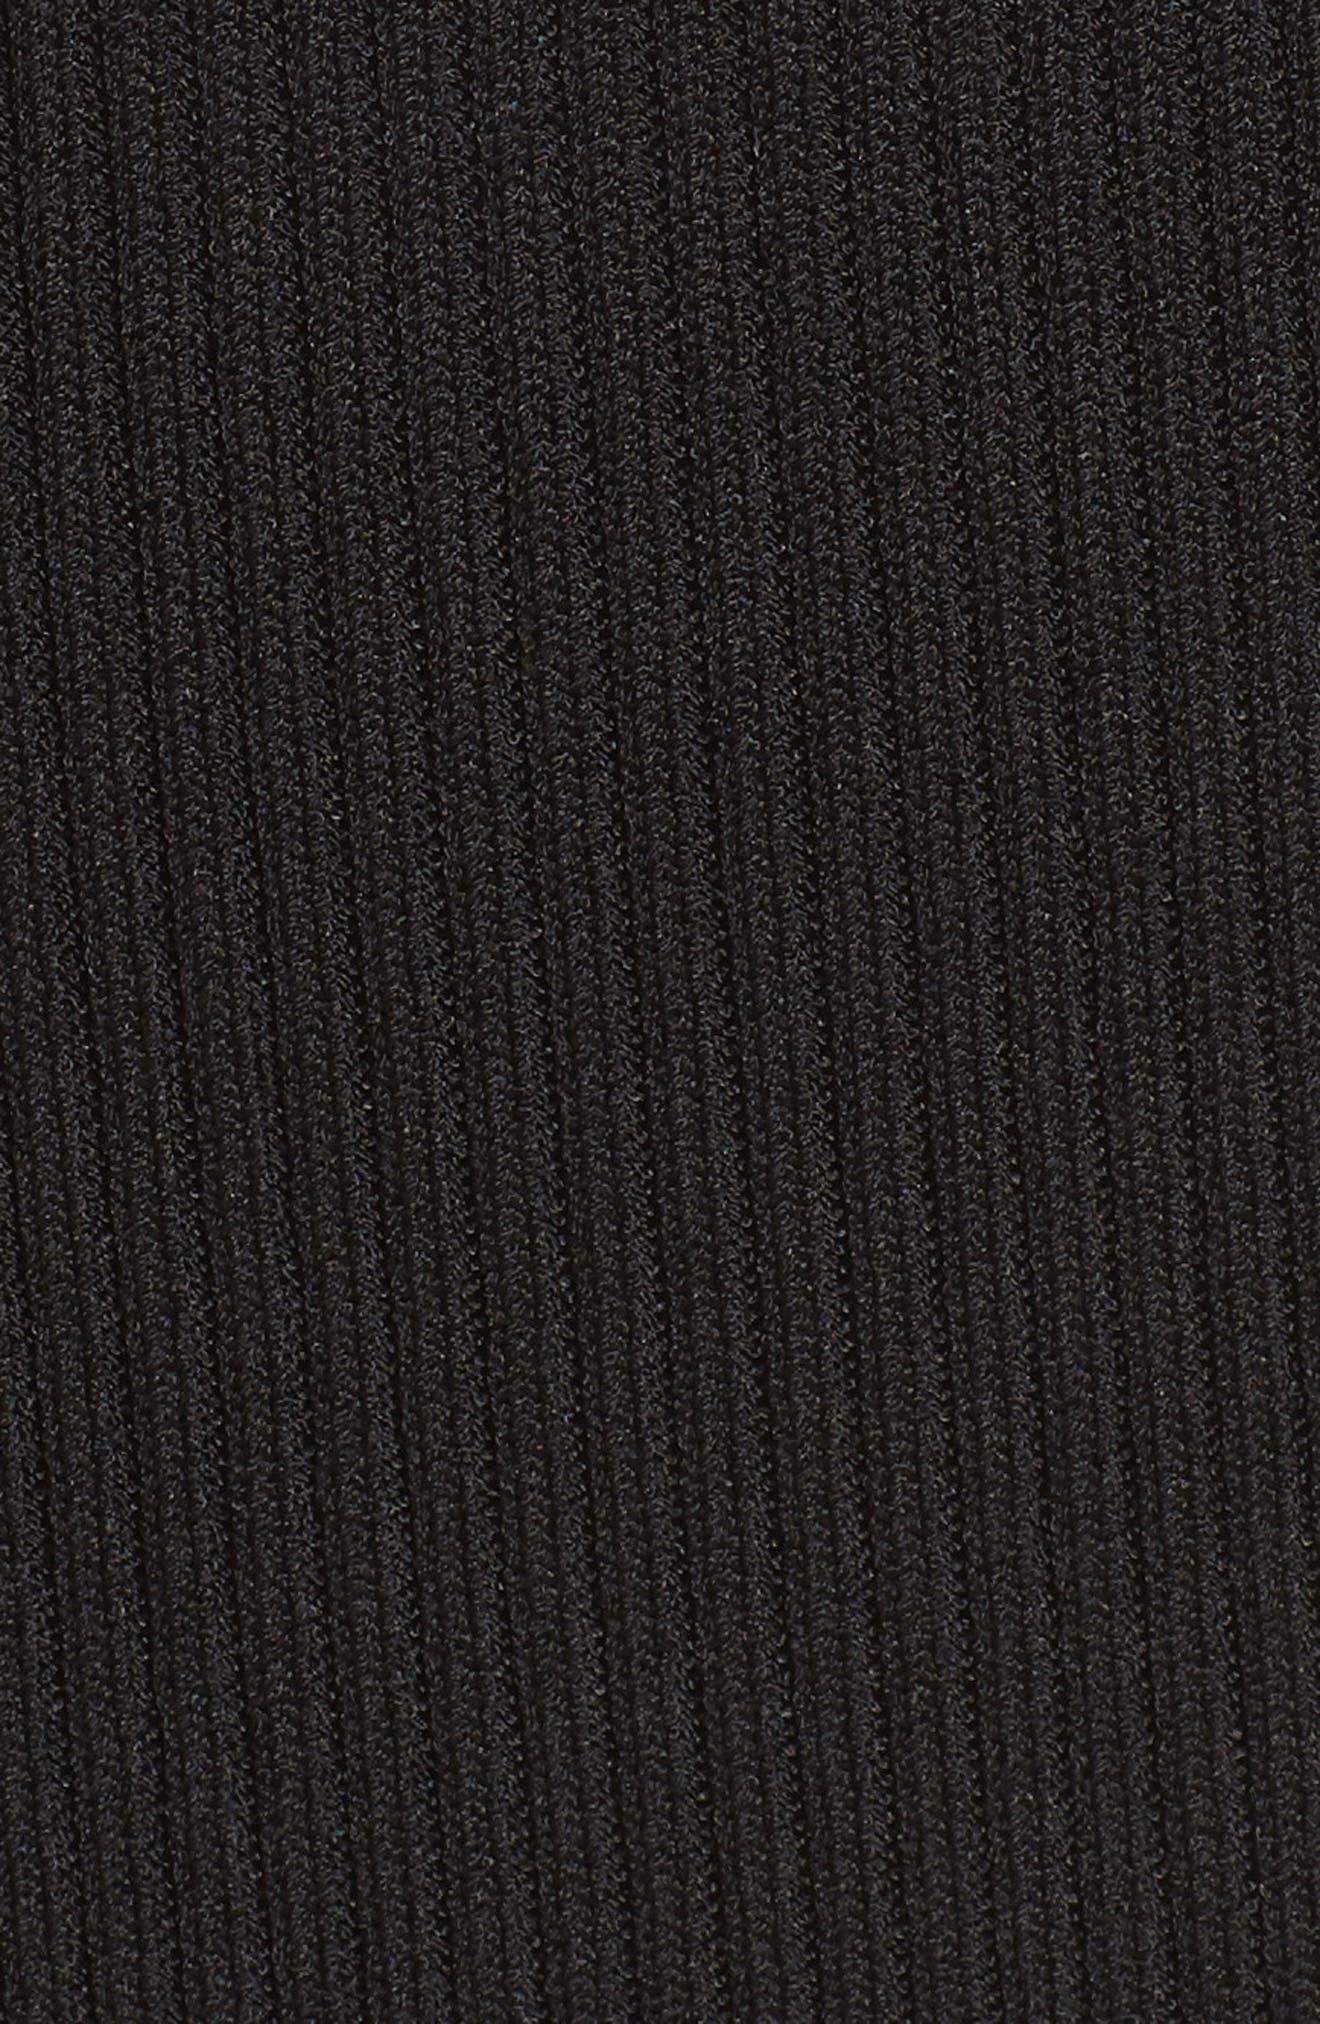 V-Neck Rib Knit Sweater Dress,                             Alternate thumbnail 6, color,                             BLACK